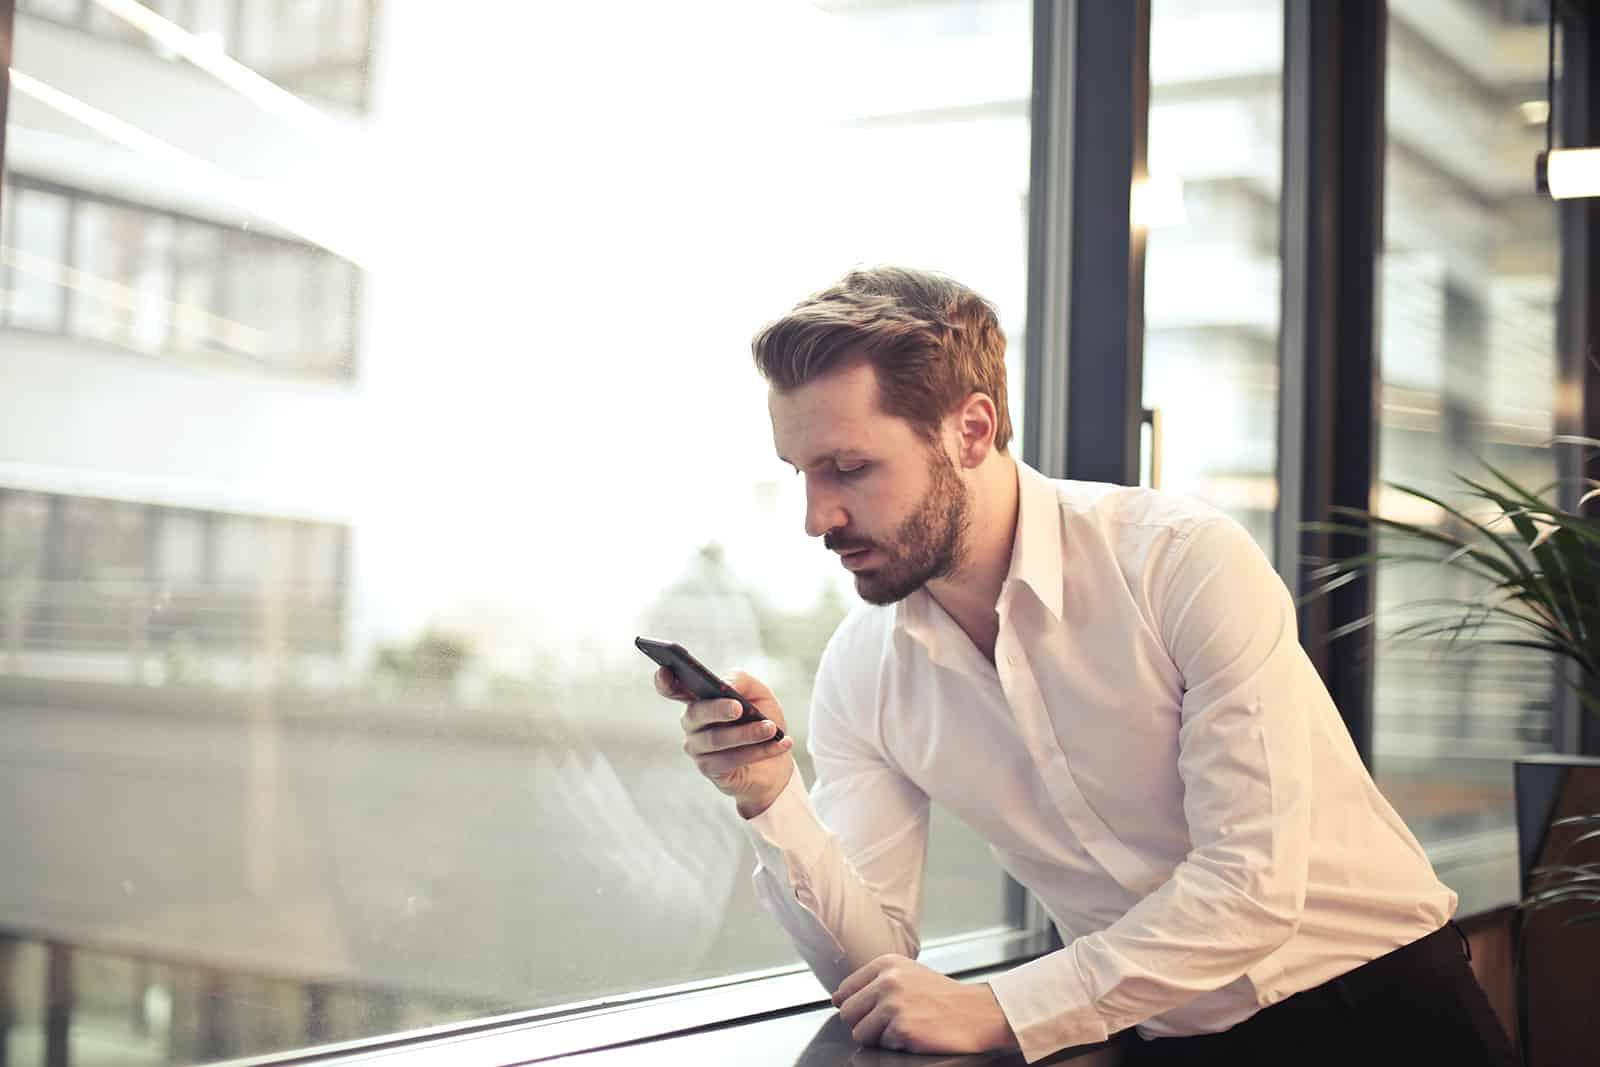 Ein Mann starrt auf sein Smartphone, während er sich auf die Fensterbank lehnt